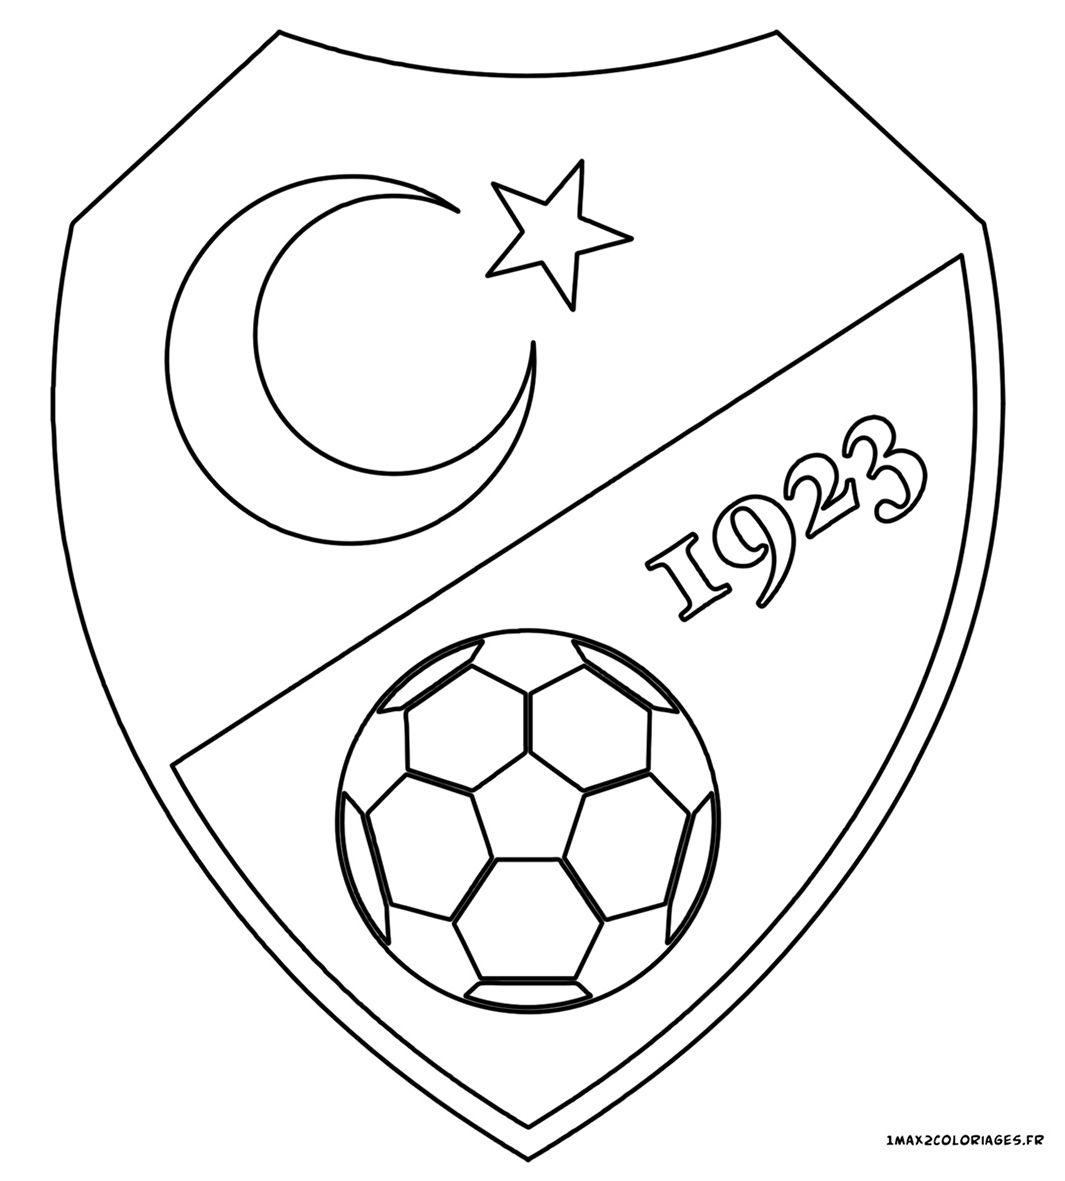 Euro 2016 Logo De L Equipe De Turquie De Foot En Coloriage Coloriage Foot Coloriage Logo Football